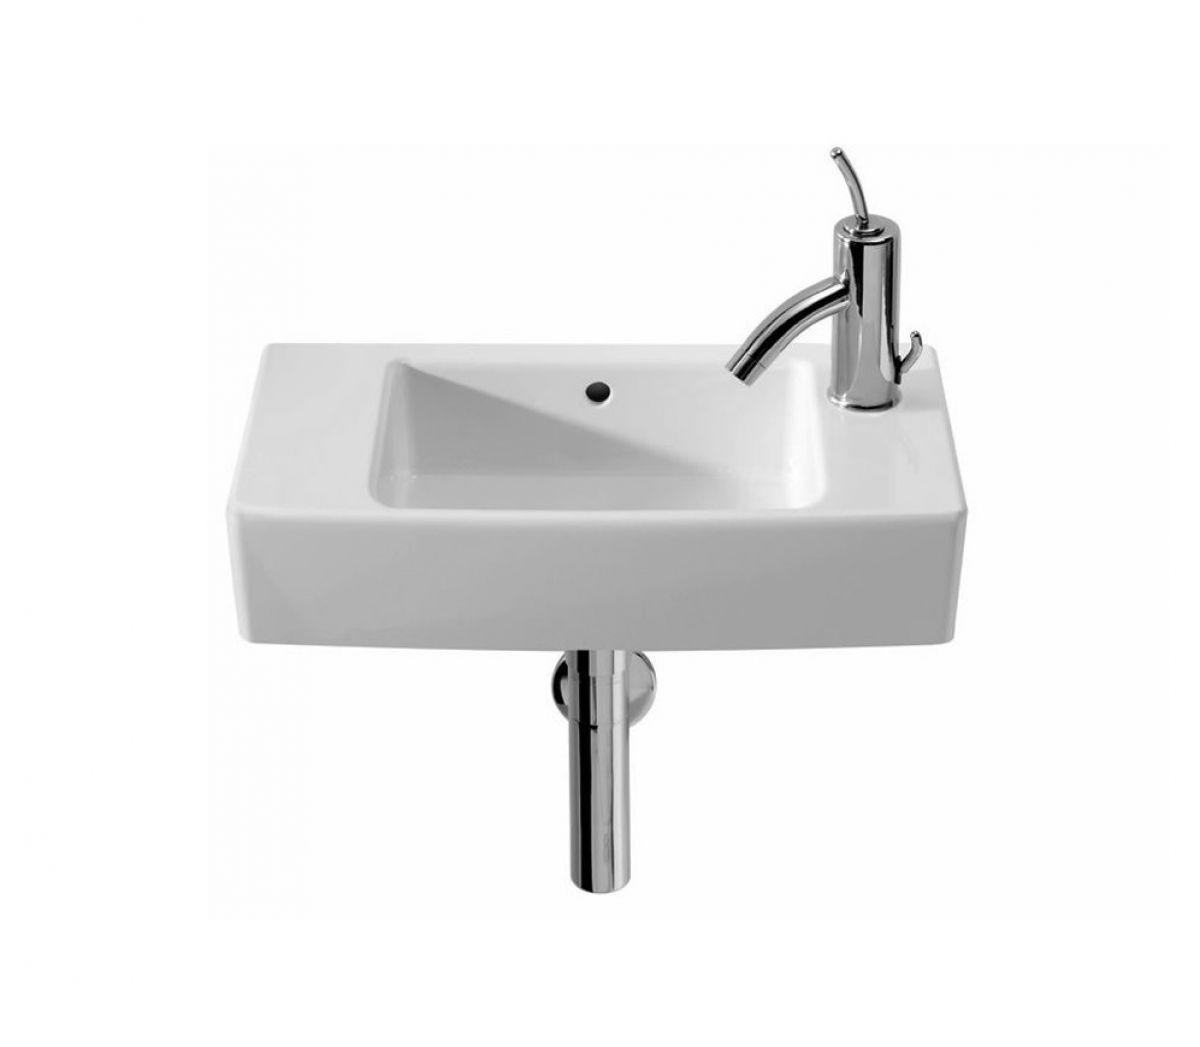 Roca Hall Cloakroom Basin 500mm Ukbathrooms